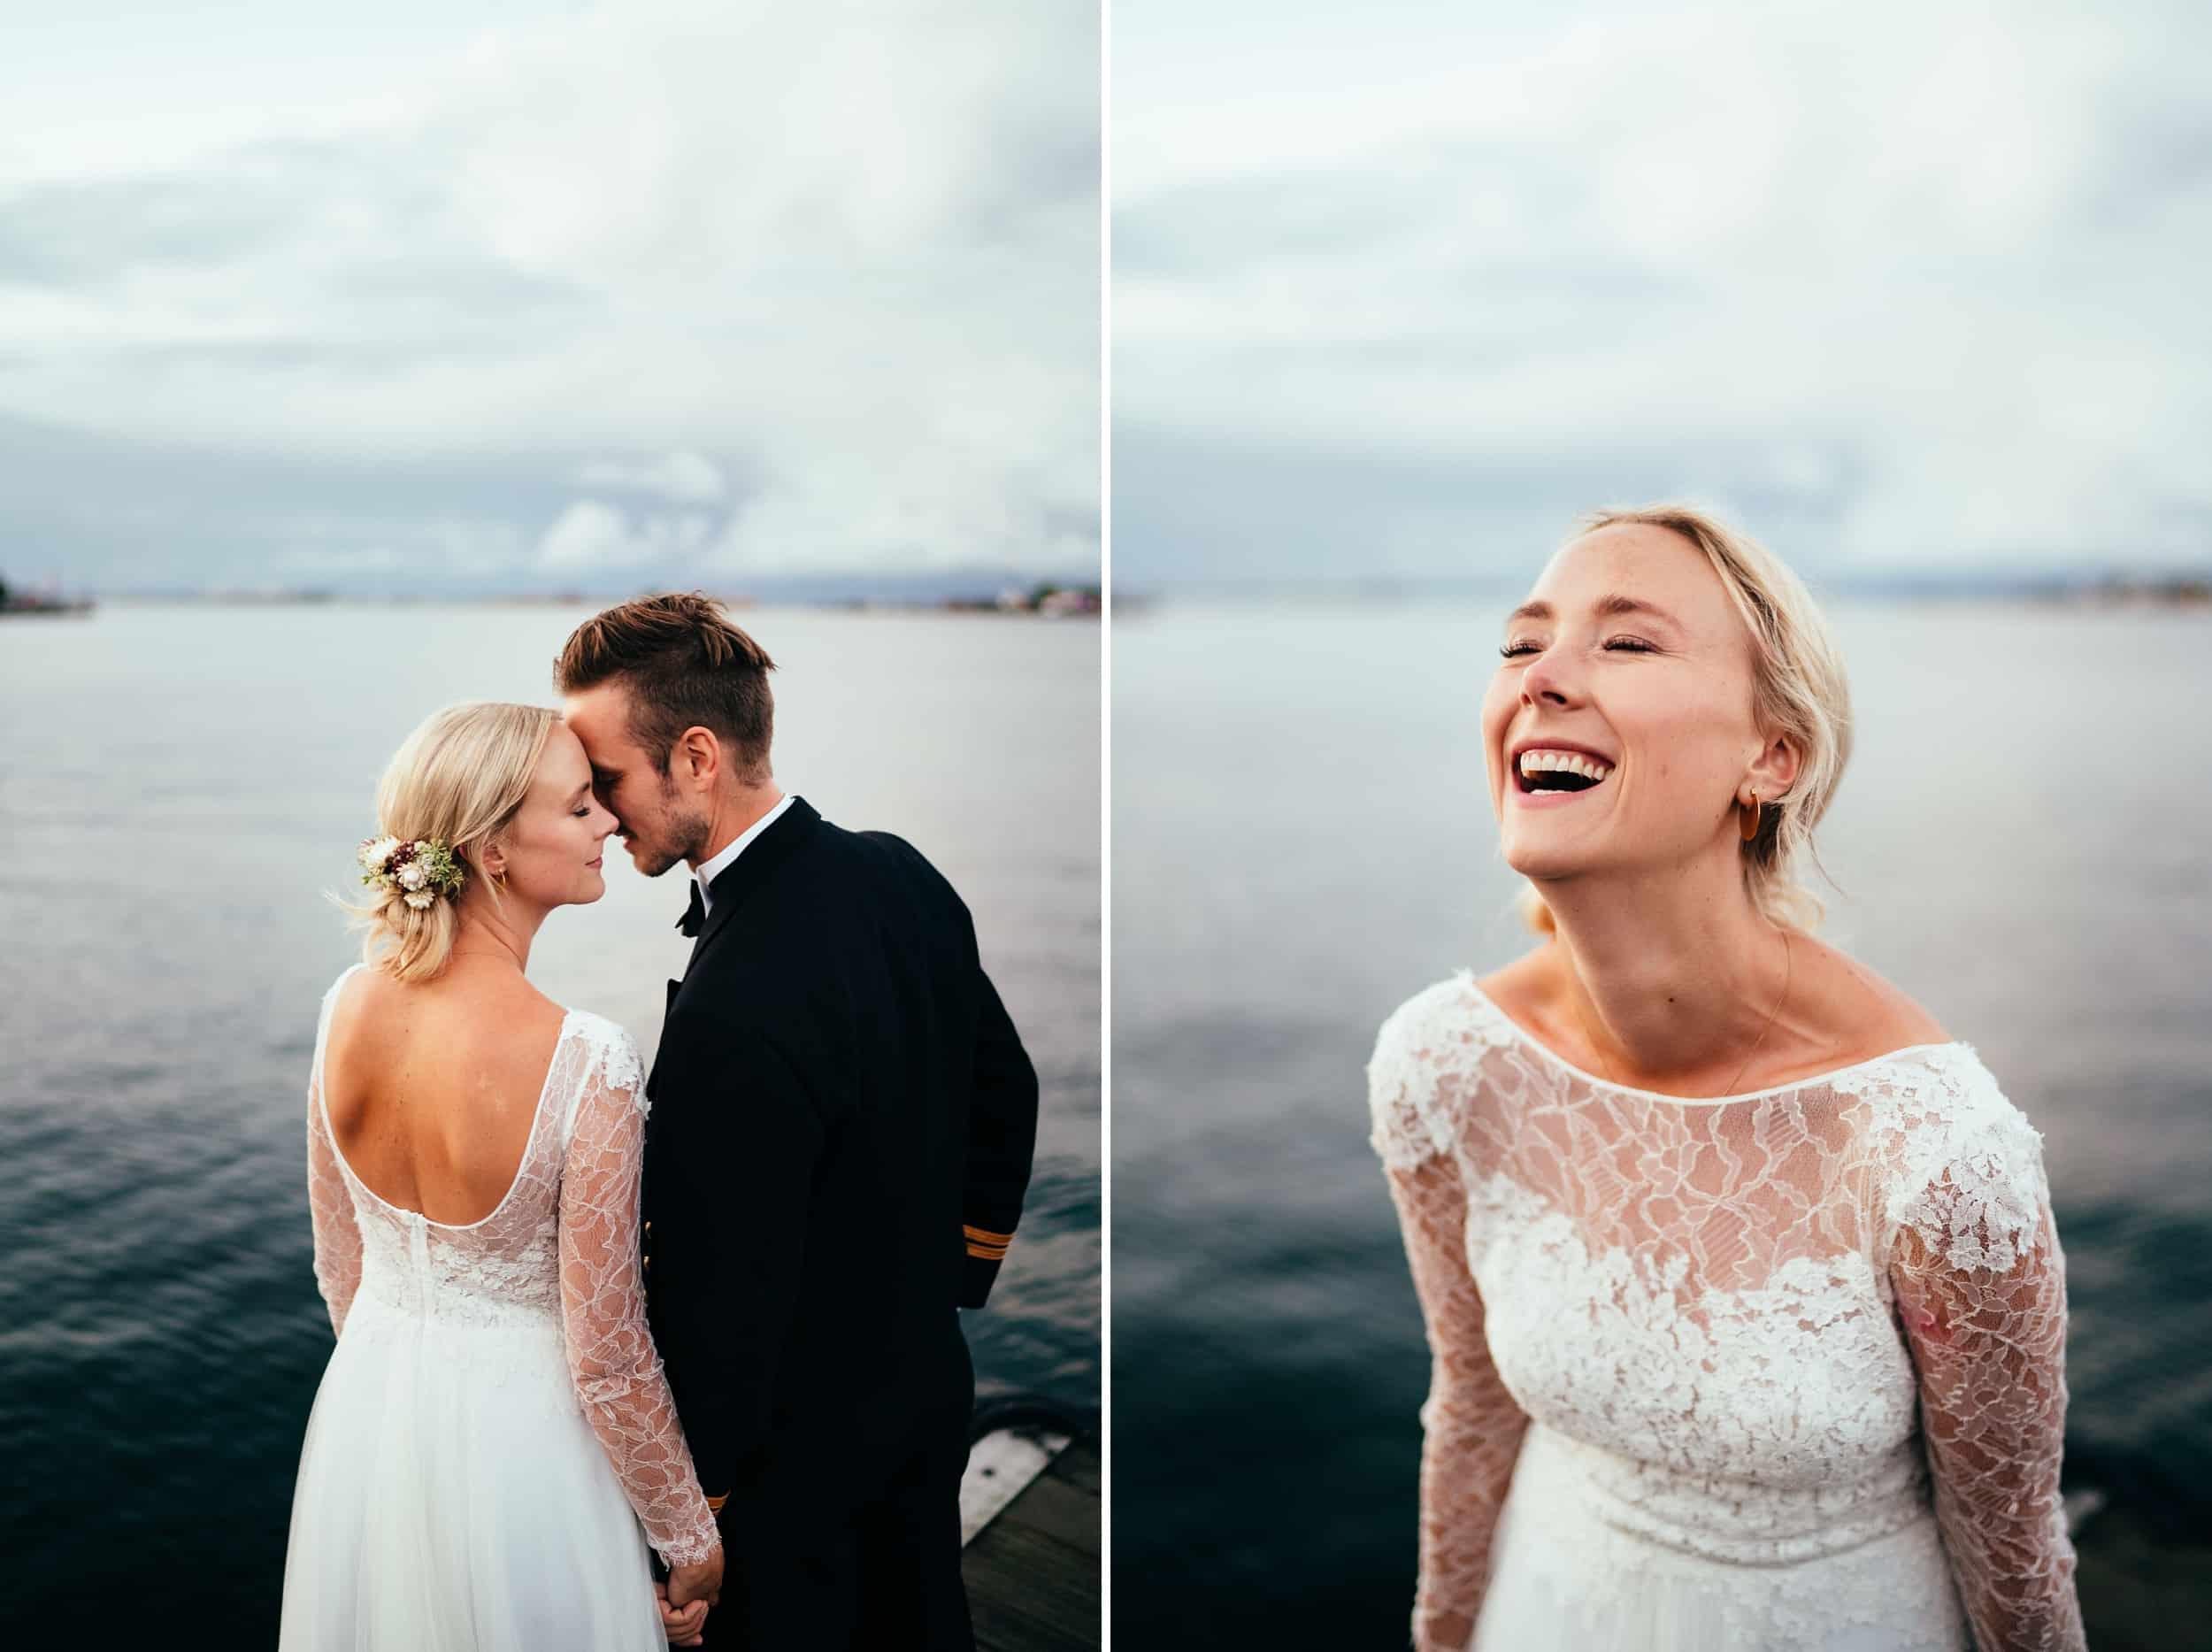 brudepar-ved-havet-i-tusmørket.jpg